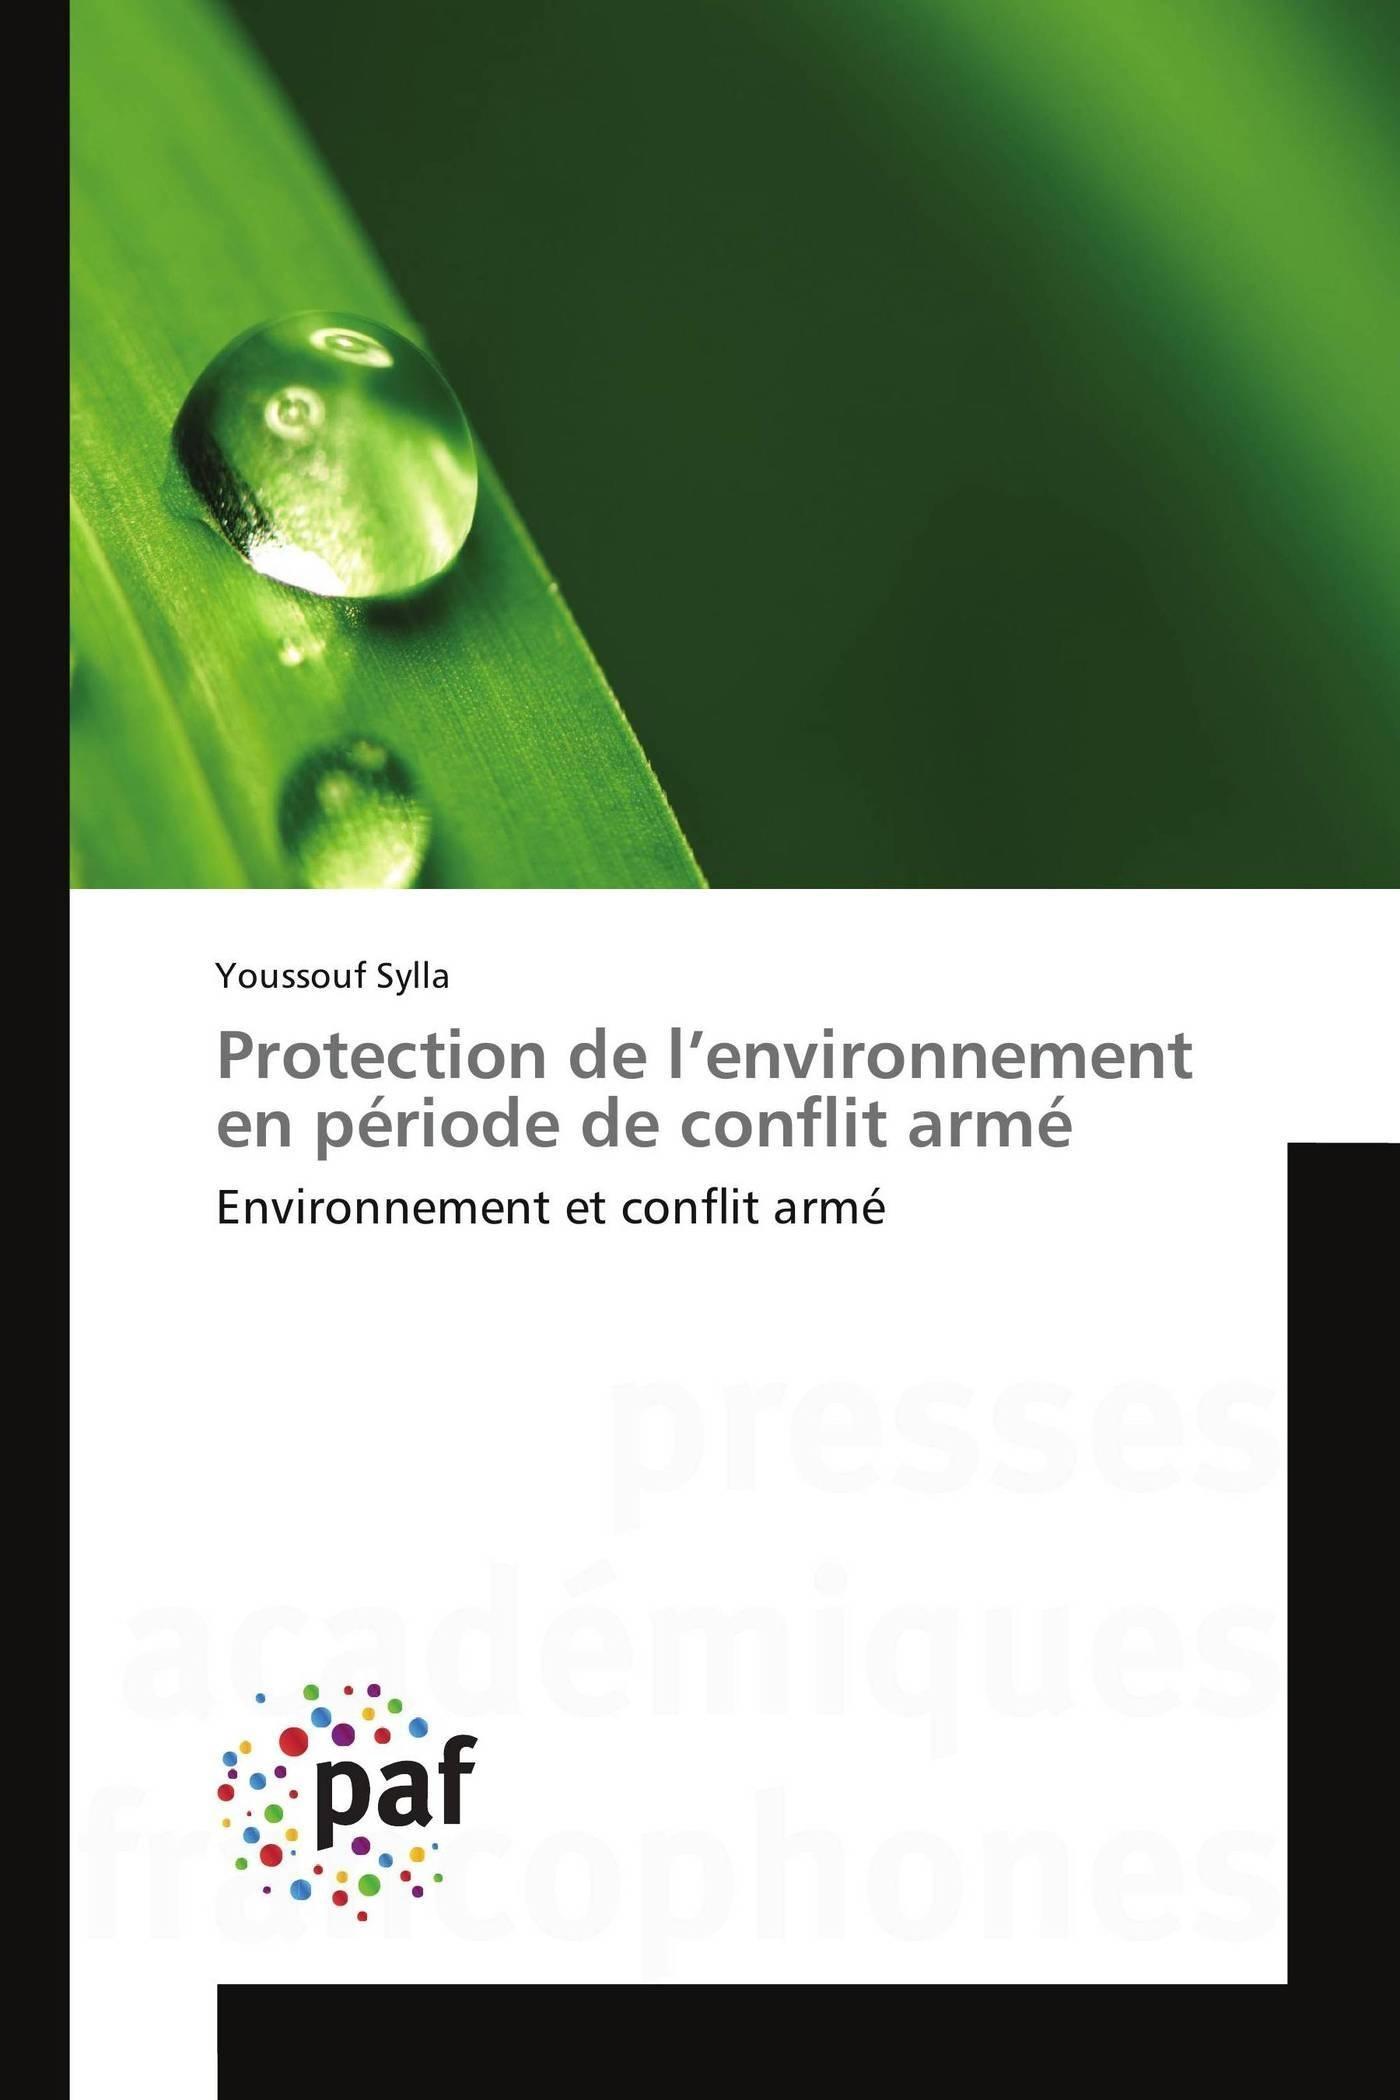 PROTECTION DE L ENVIRONNEMENT EN PERIODE DE CONFLIT ARME